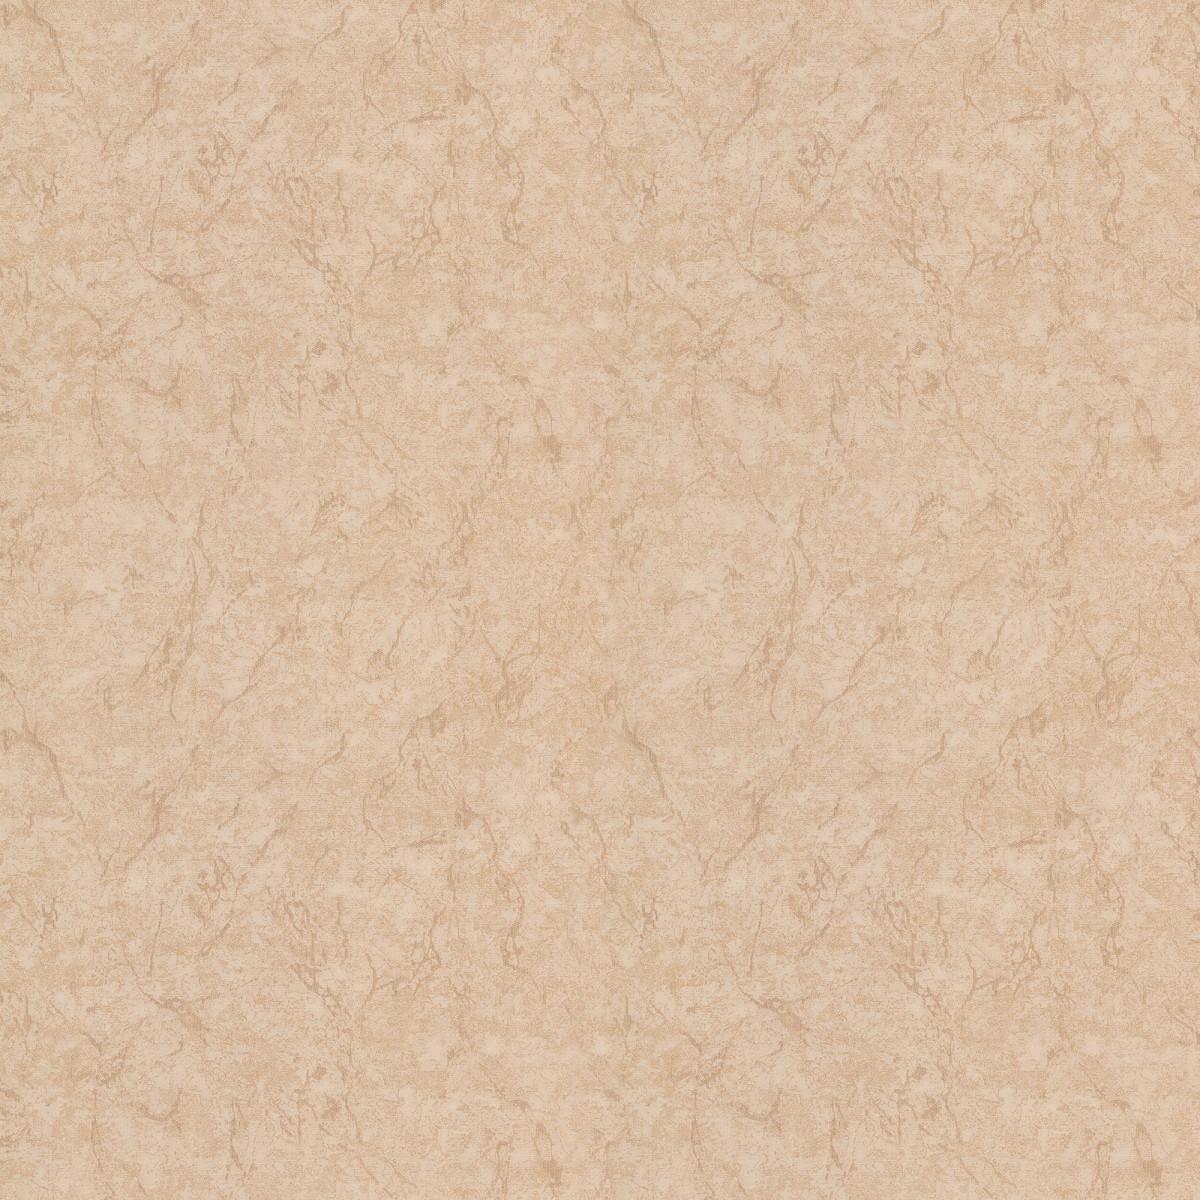 Обои флизелиновые Home Color бежевые 1.06 м 354-22